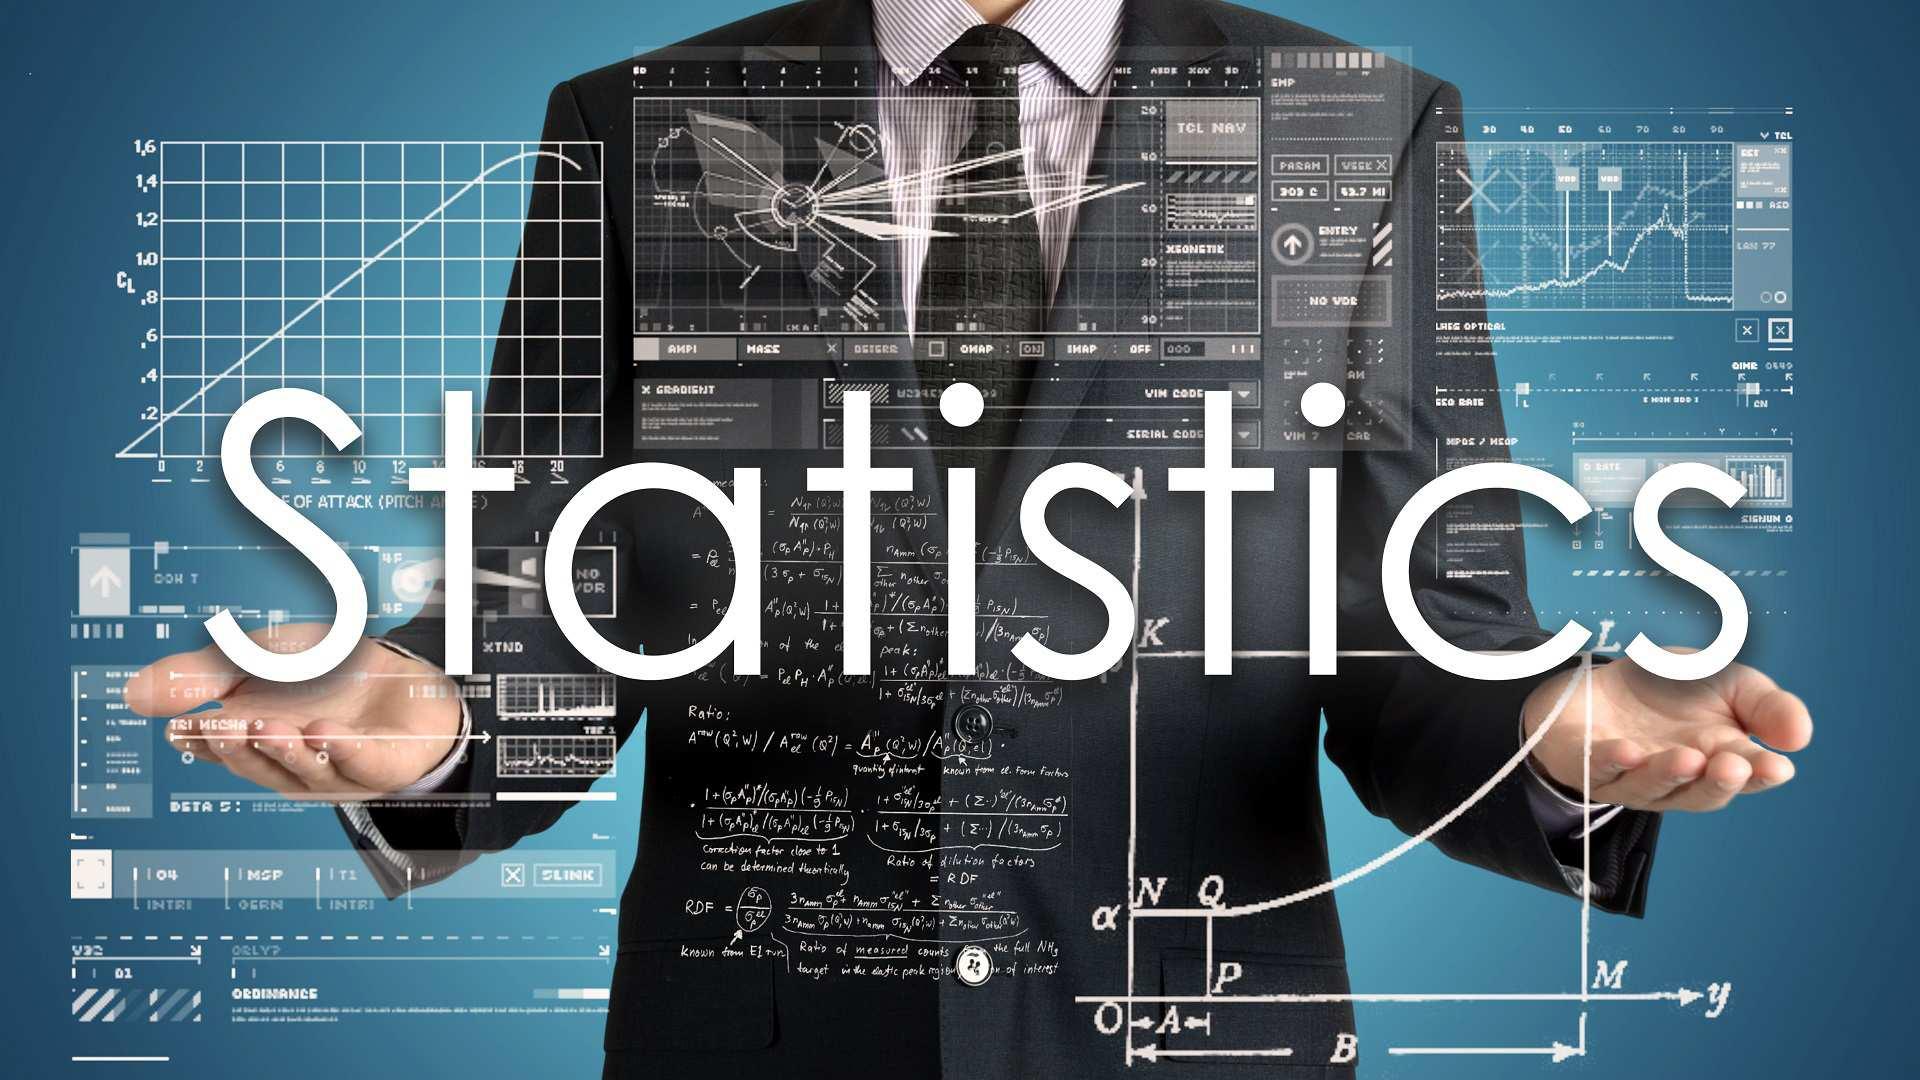 استنباط البيانات من برنامج التحليل الإحصائي